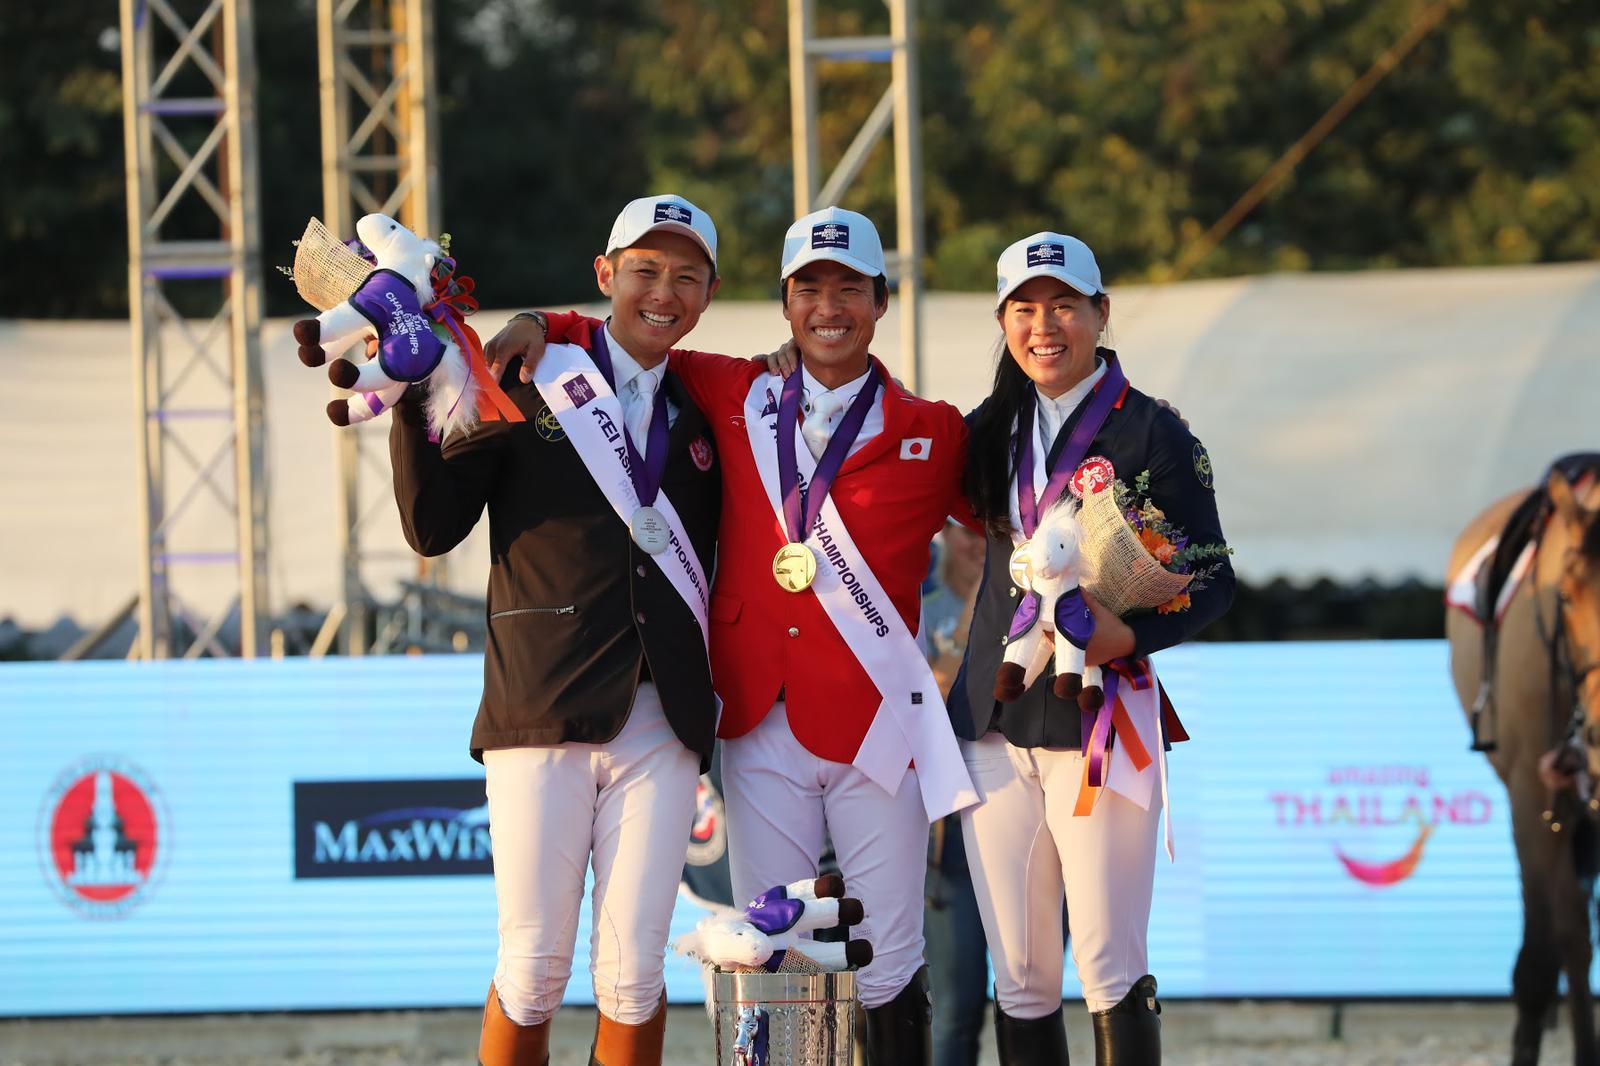 港隊在今屆賽事共取得一金三銀一銅的佳績。相片由馬會提供